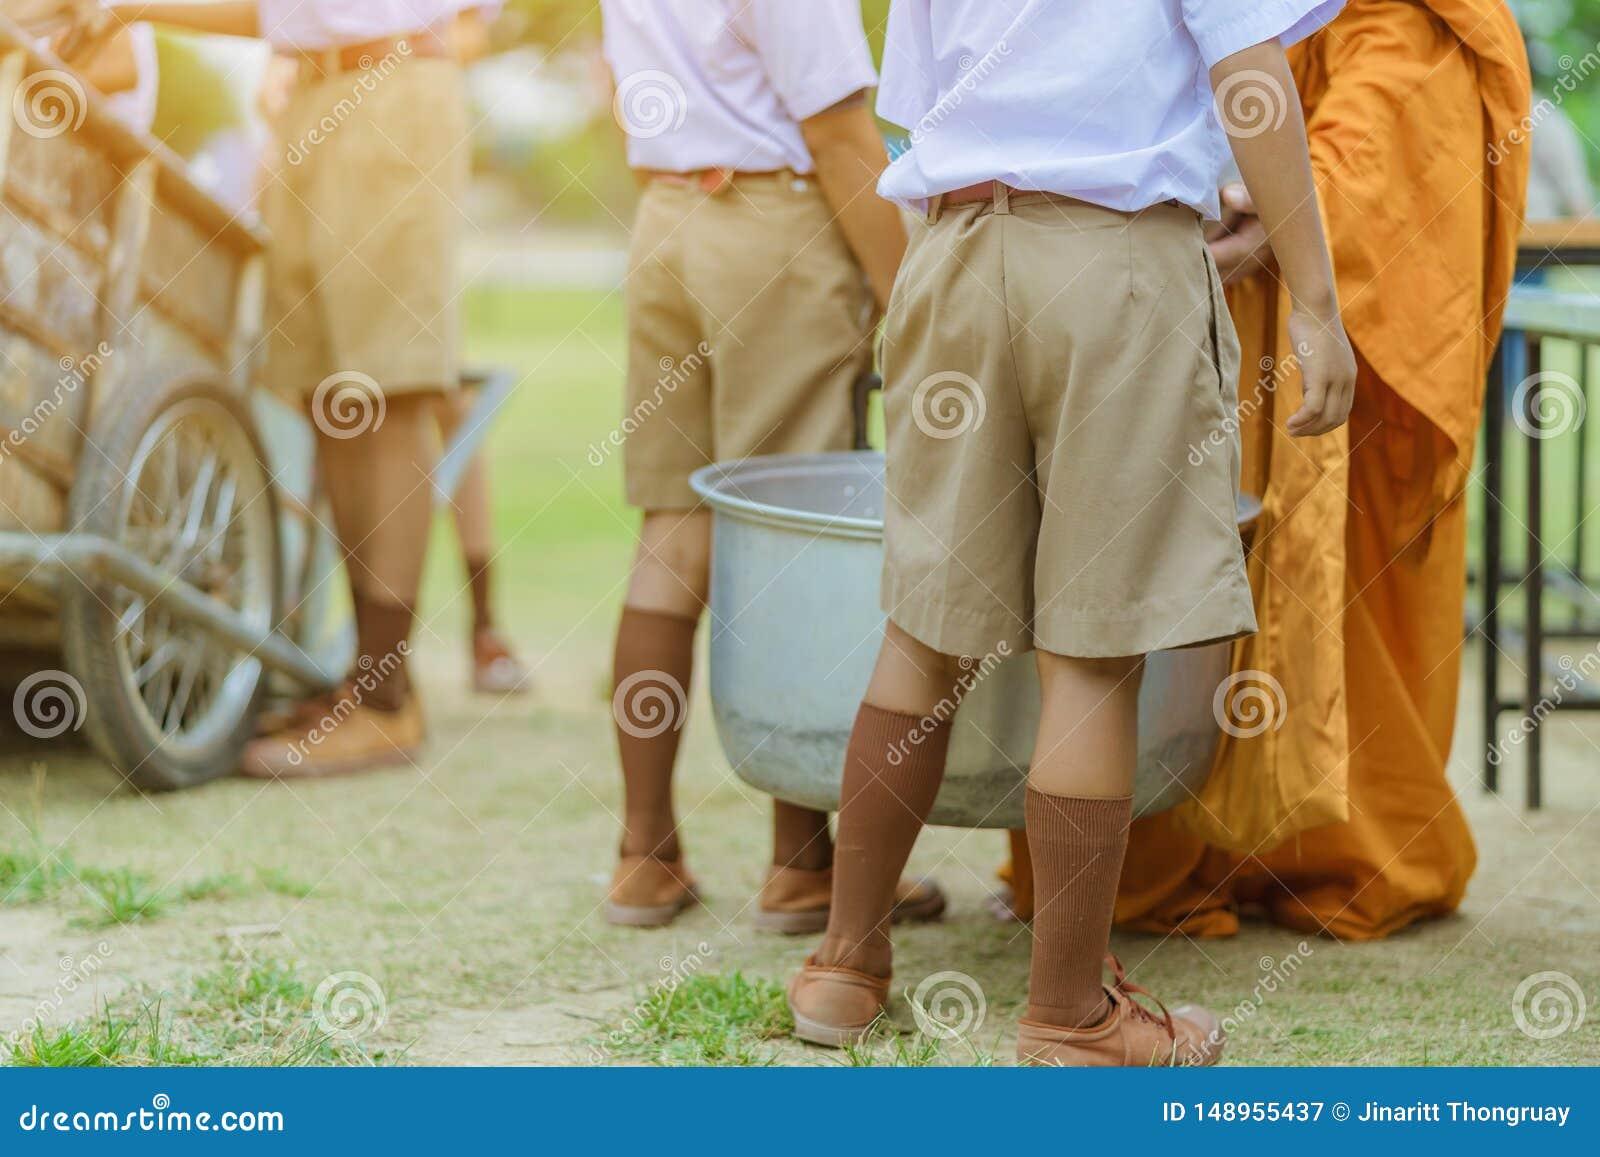 Os professores e os estudantes fazem junto o m?rito para dar ofertas do alimento a uma monge budista em dias religiosos important